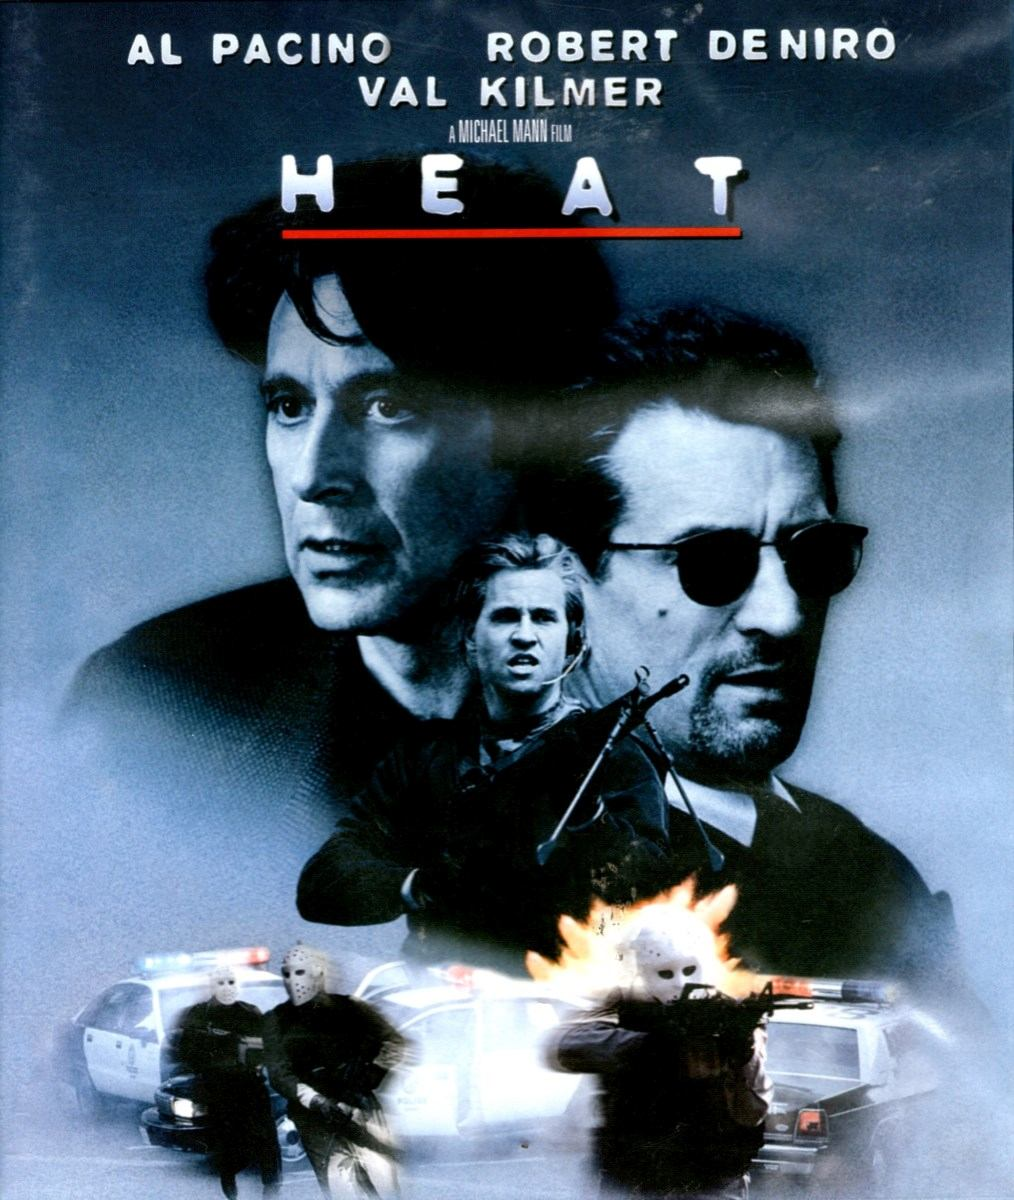 تحميل فيلم heat 1995